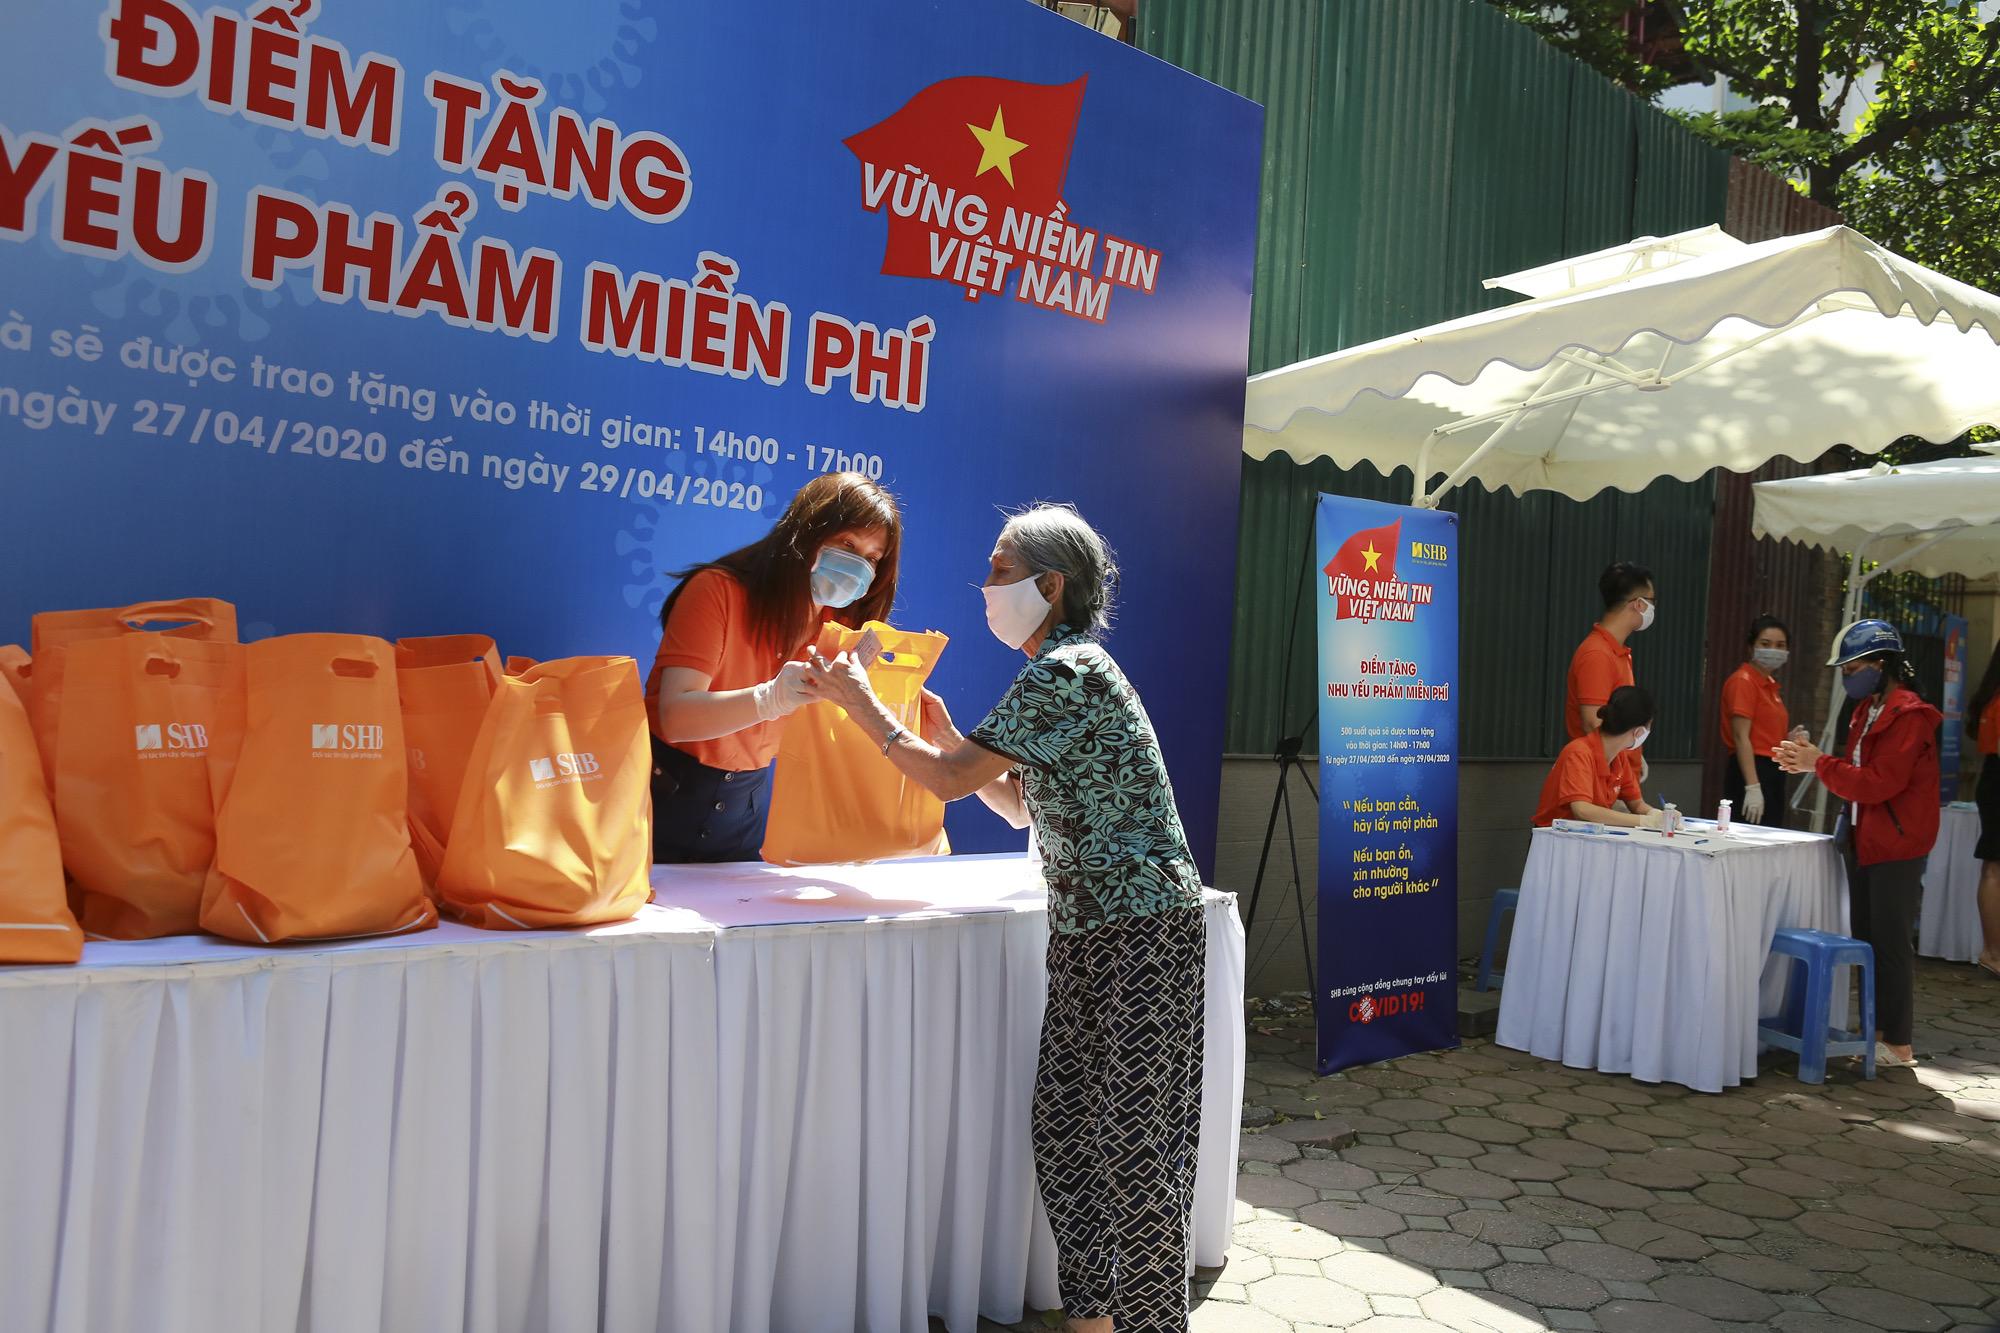 """Chương trình """"Vững niềm tin Việt Nam"""" tặng gần 6.000 suất nhu yếu phẩm cho người dân chịu ảnh hưởng bởi dịch Covid-19  - Ảnh 2"""